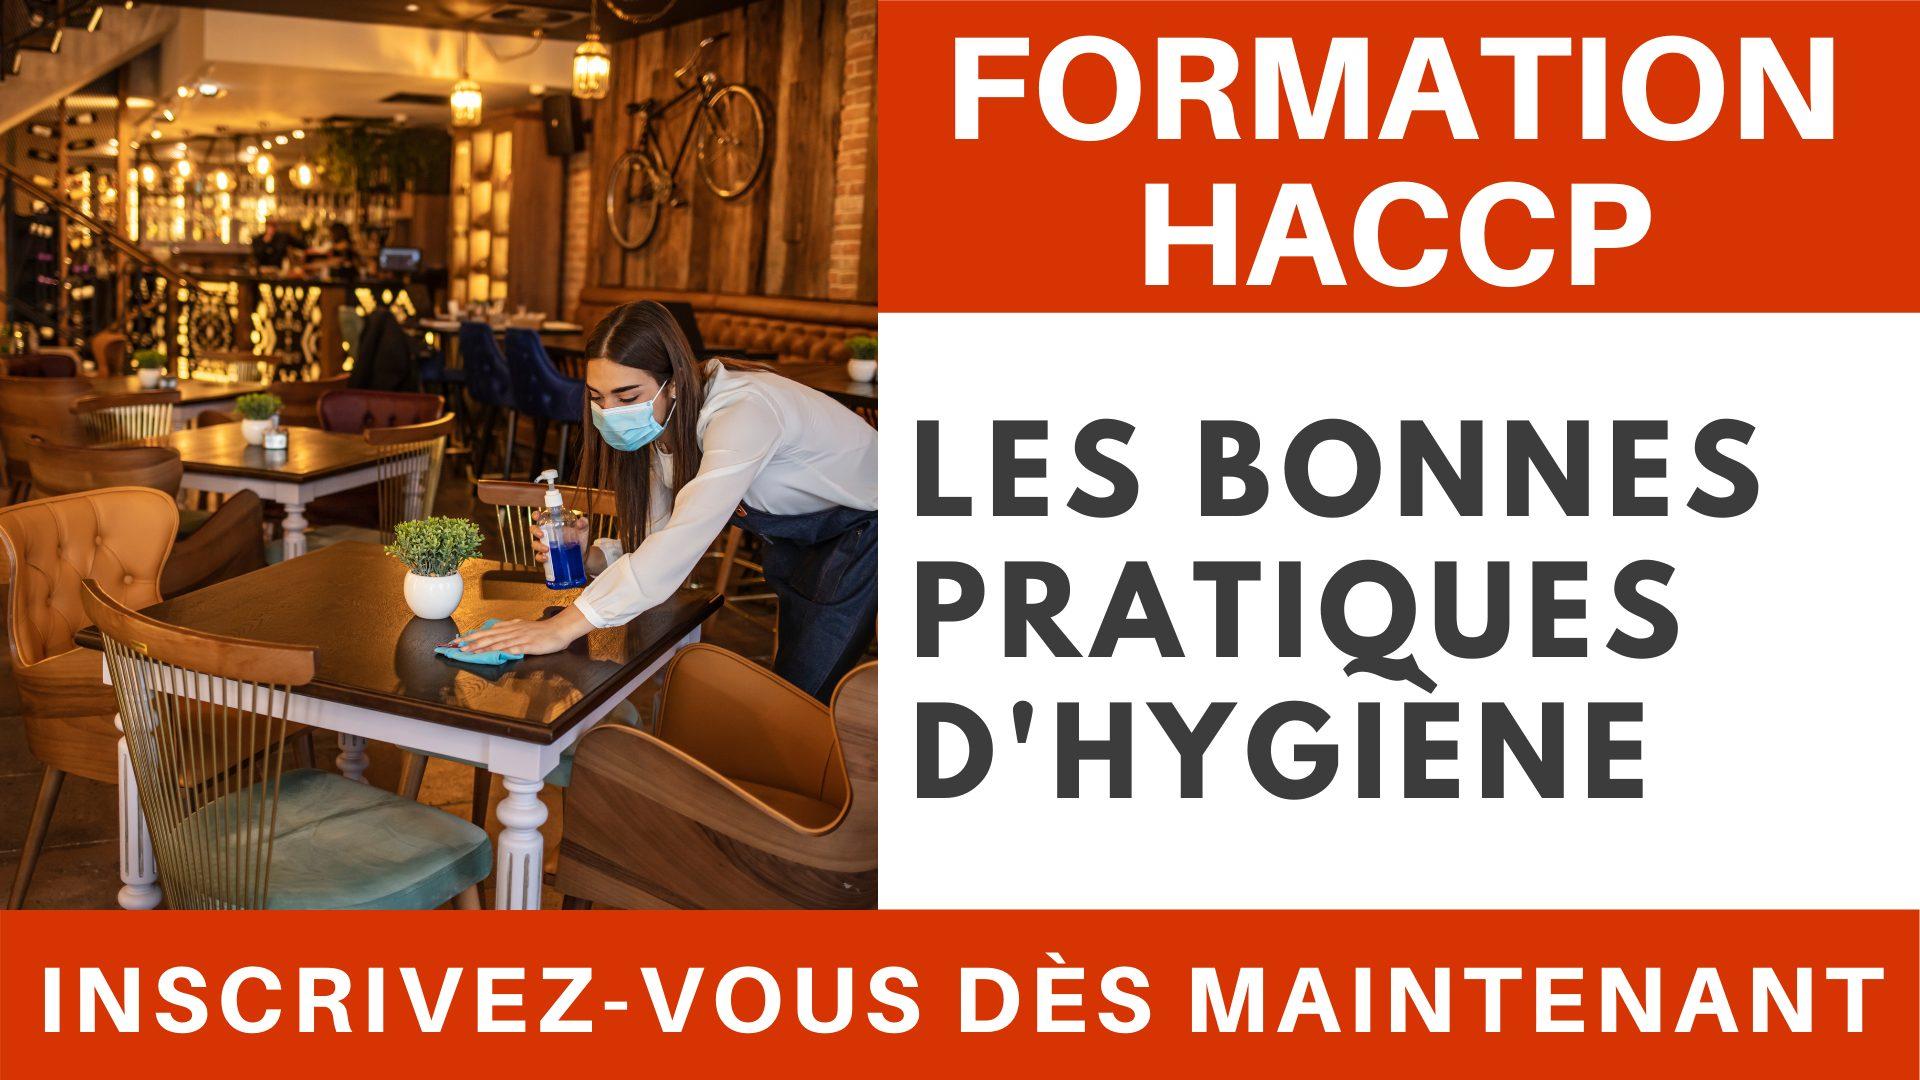 Formation HACCP - Les bonnes pratiques d'hygiène